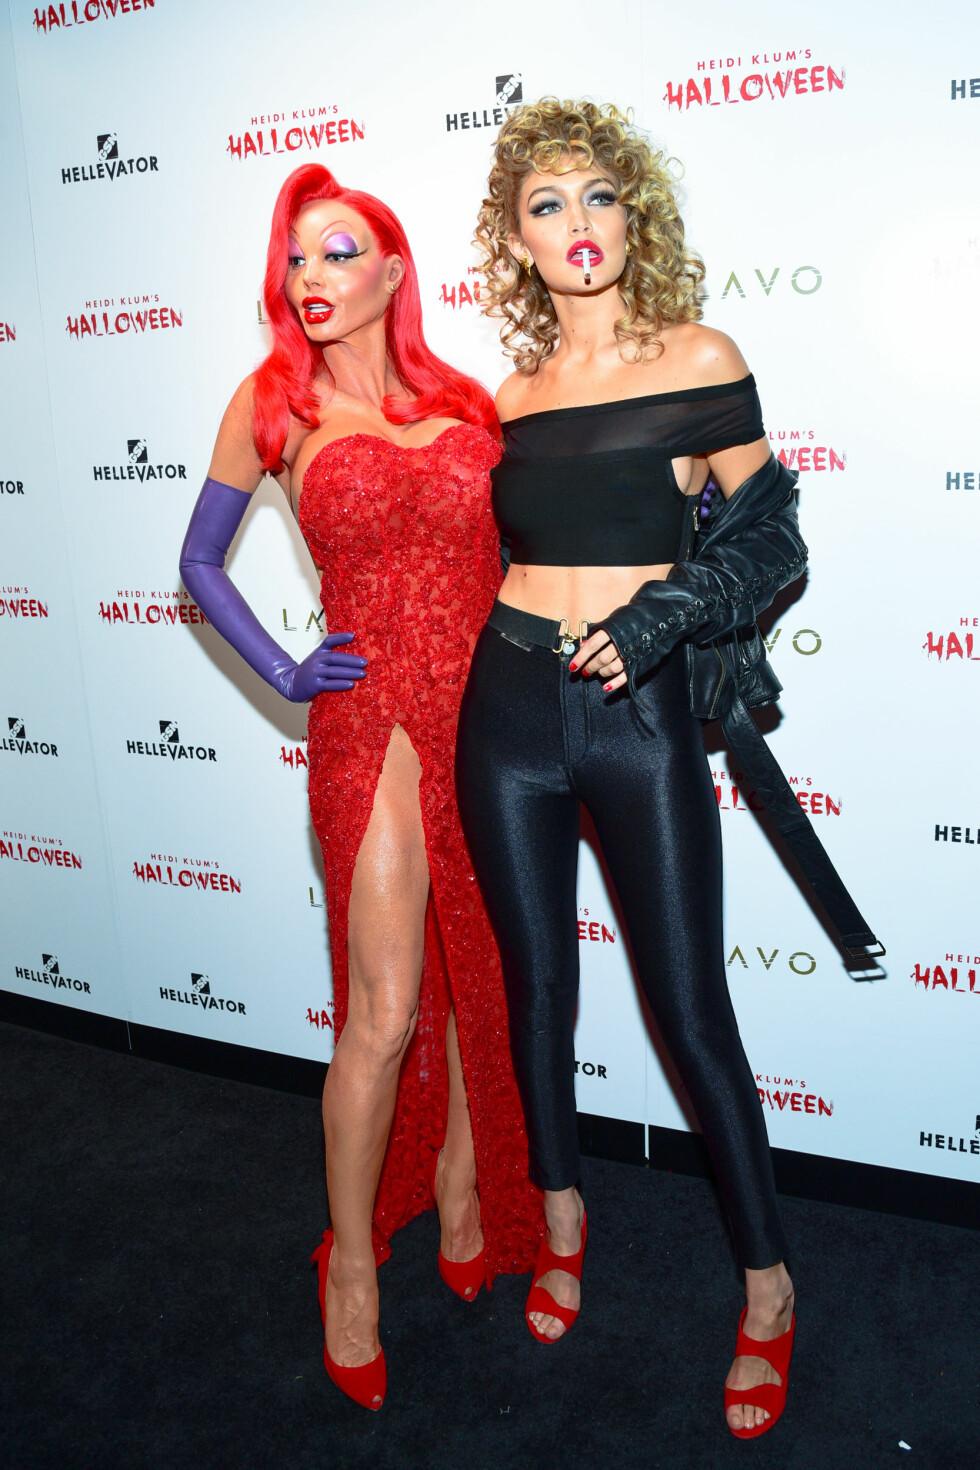 SUPERMODELLER: Vi kunne se at det var Gigi Hadid som hadde kledd seg ut som Sandy fra Greece, men at det var Heidi Klum som gjemte seg bak det andre kostymet, hadde vi aldri trodd! Foto: SipaUSA